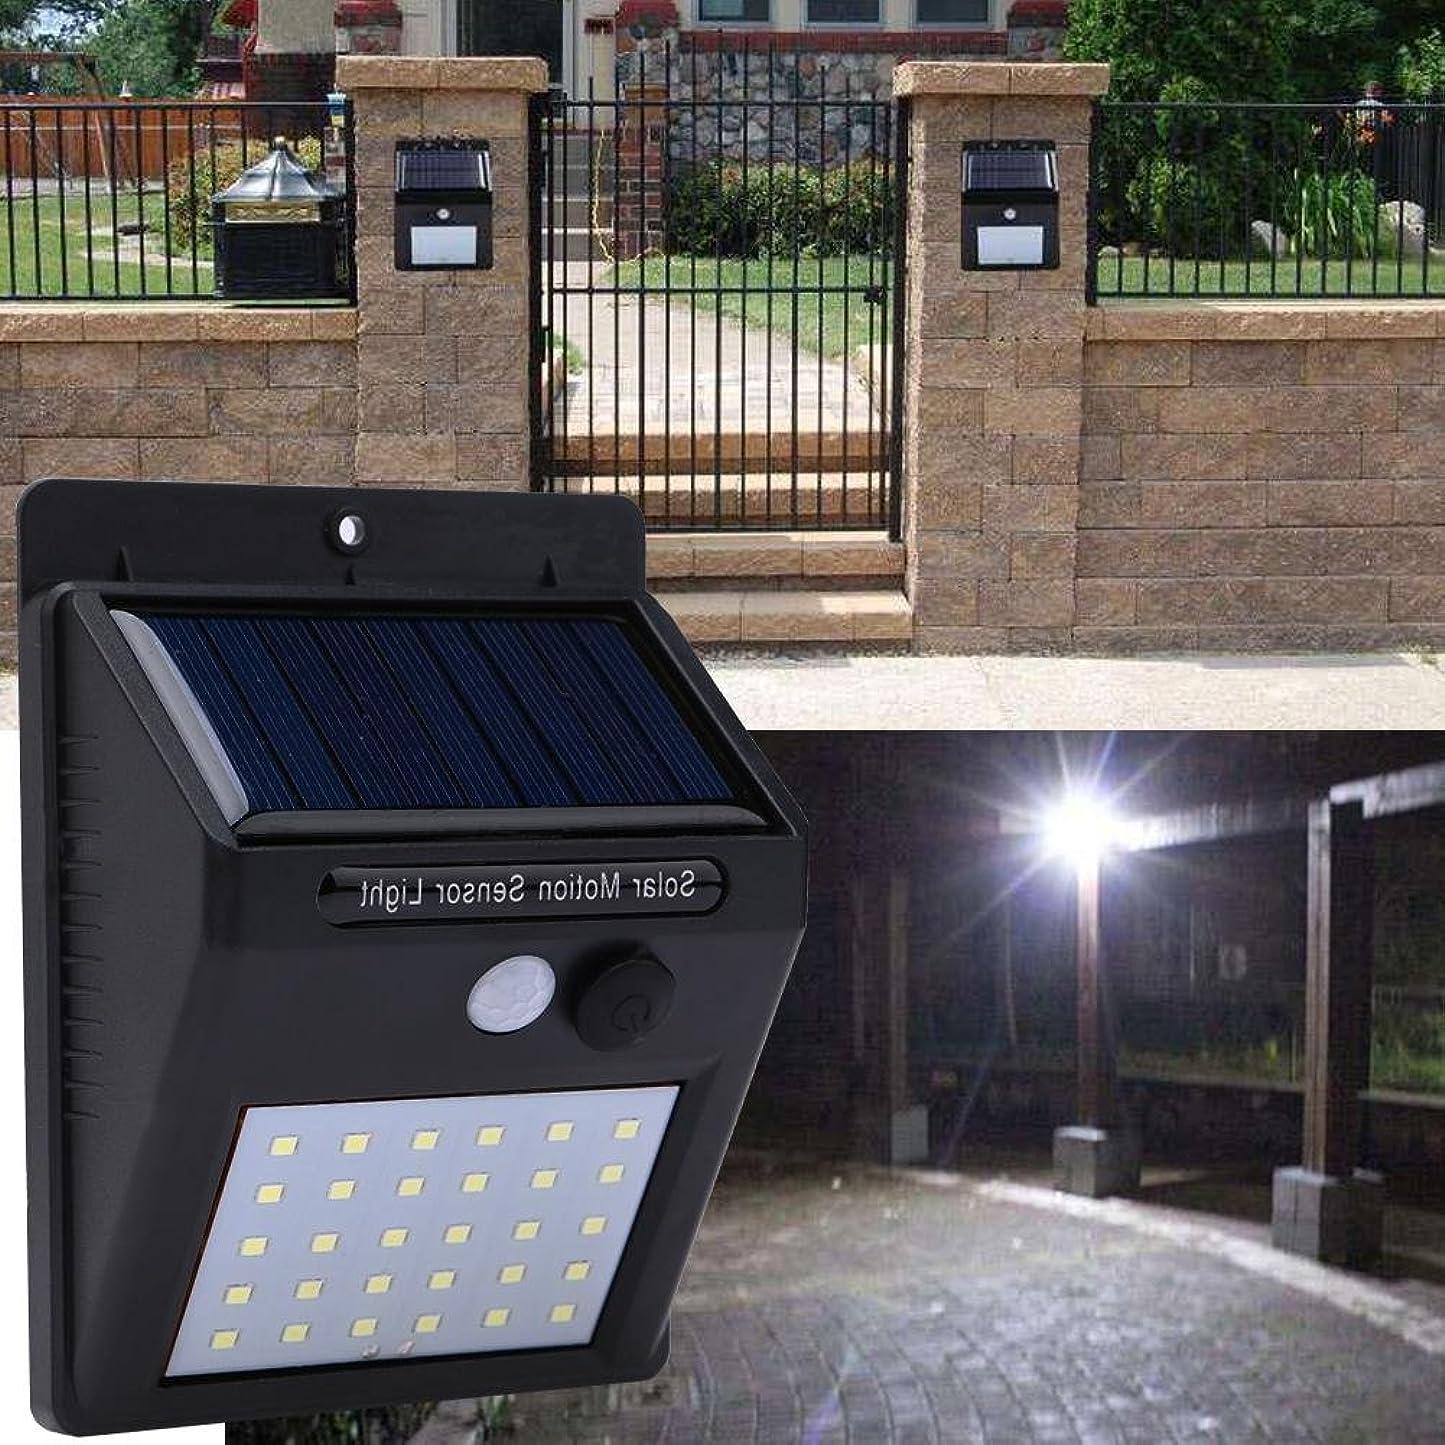 子羊幹明示的に2個 DiyStudio 40LEDセンサーライトLEDソーラー充電式 人体感知センサーライトソーラーライト 屋外 30灯高輝度LEDライト LED 壁掛けウォールライト 防水自動点灯 電気代ゼロ 配線工事不要 防犯グッズ